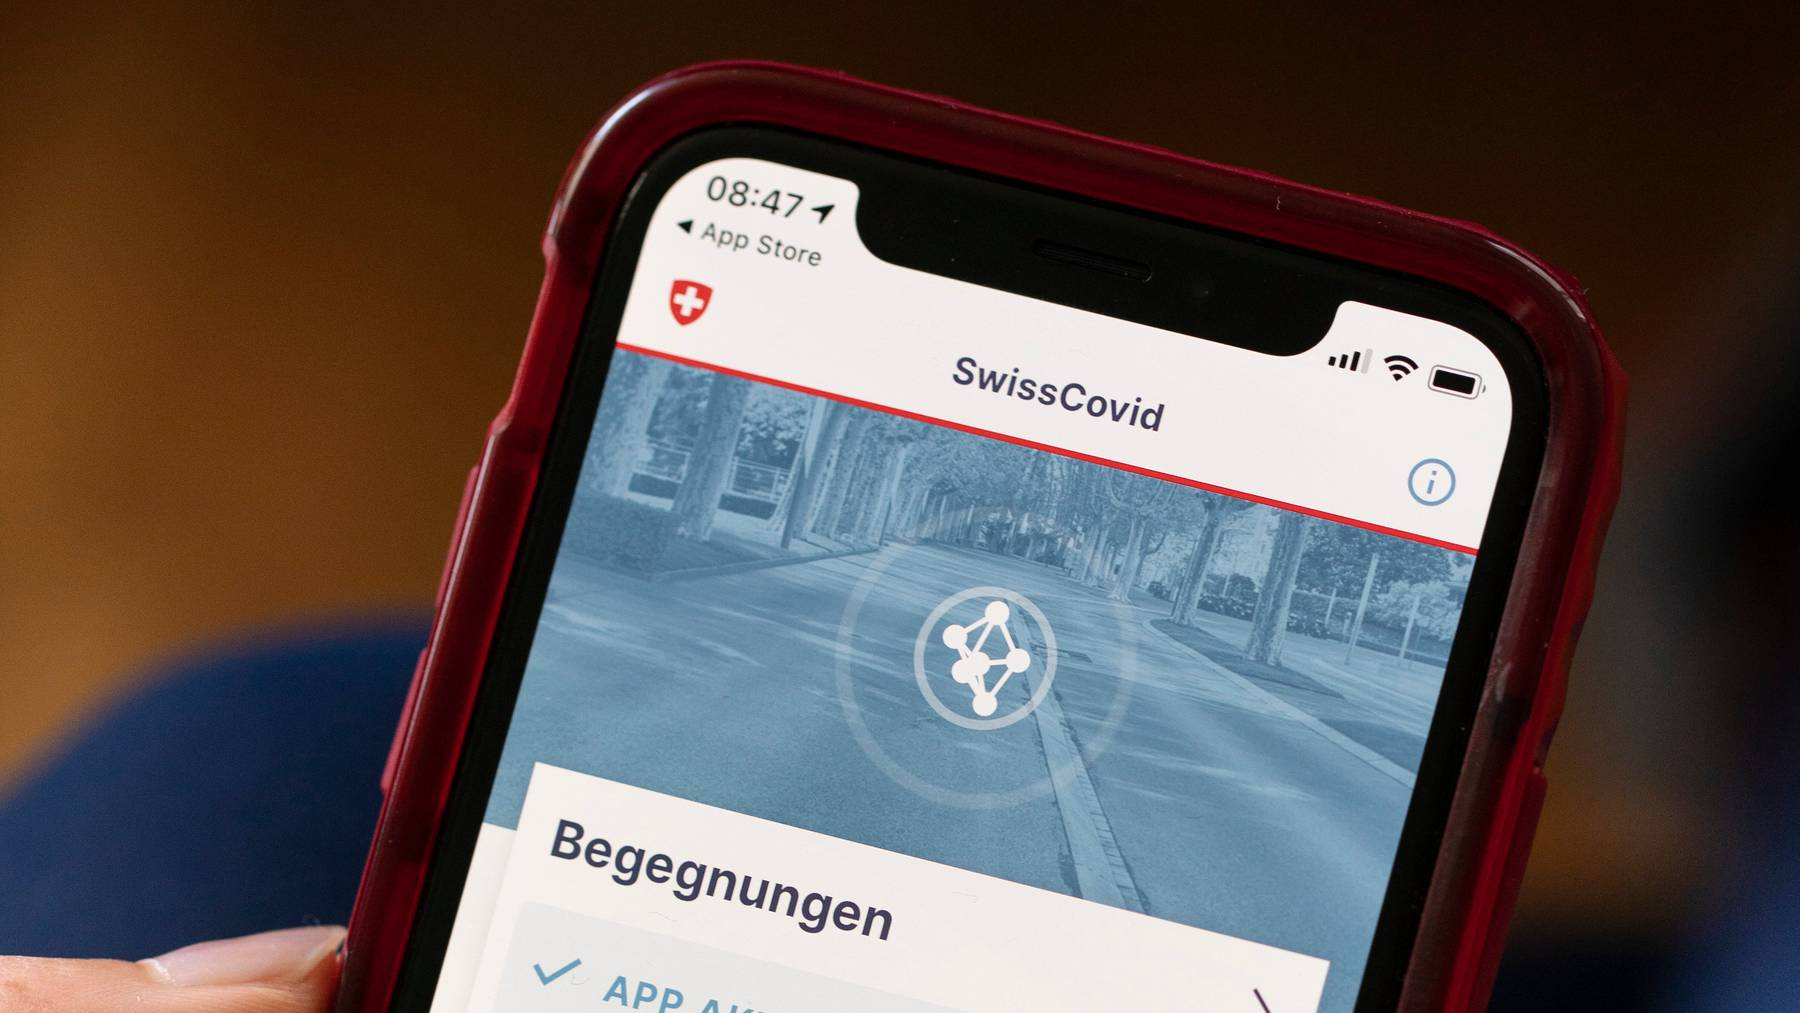 Künftig will die Post ihre Kunden am Schalter auf die SwissCovid-App aufmerksam – dies in Zusammenarbeit mit dem BAG.